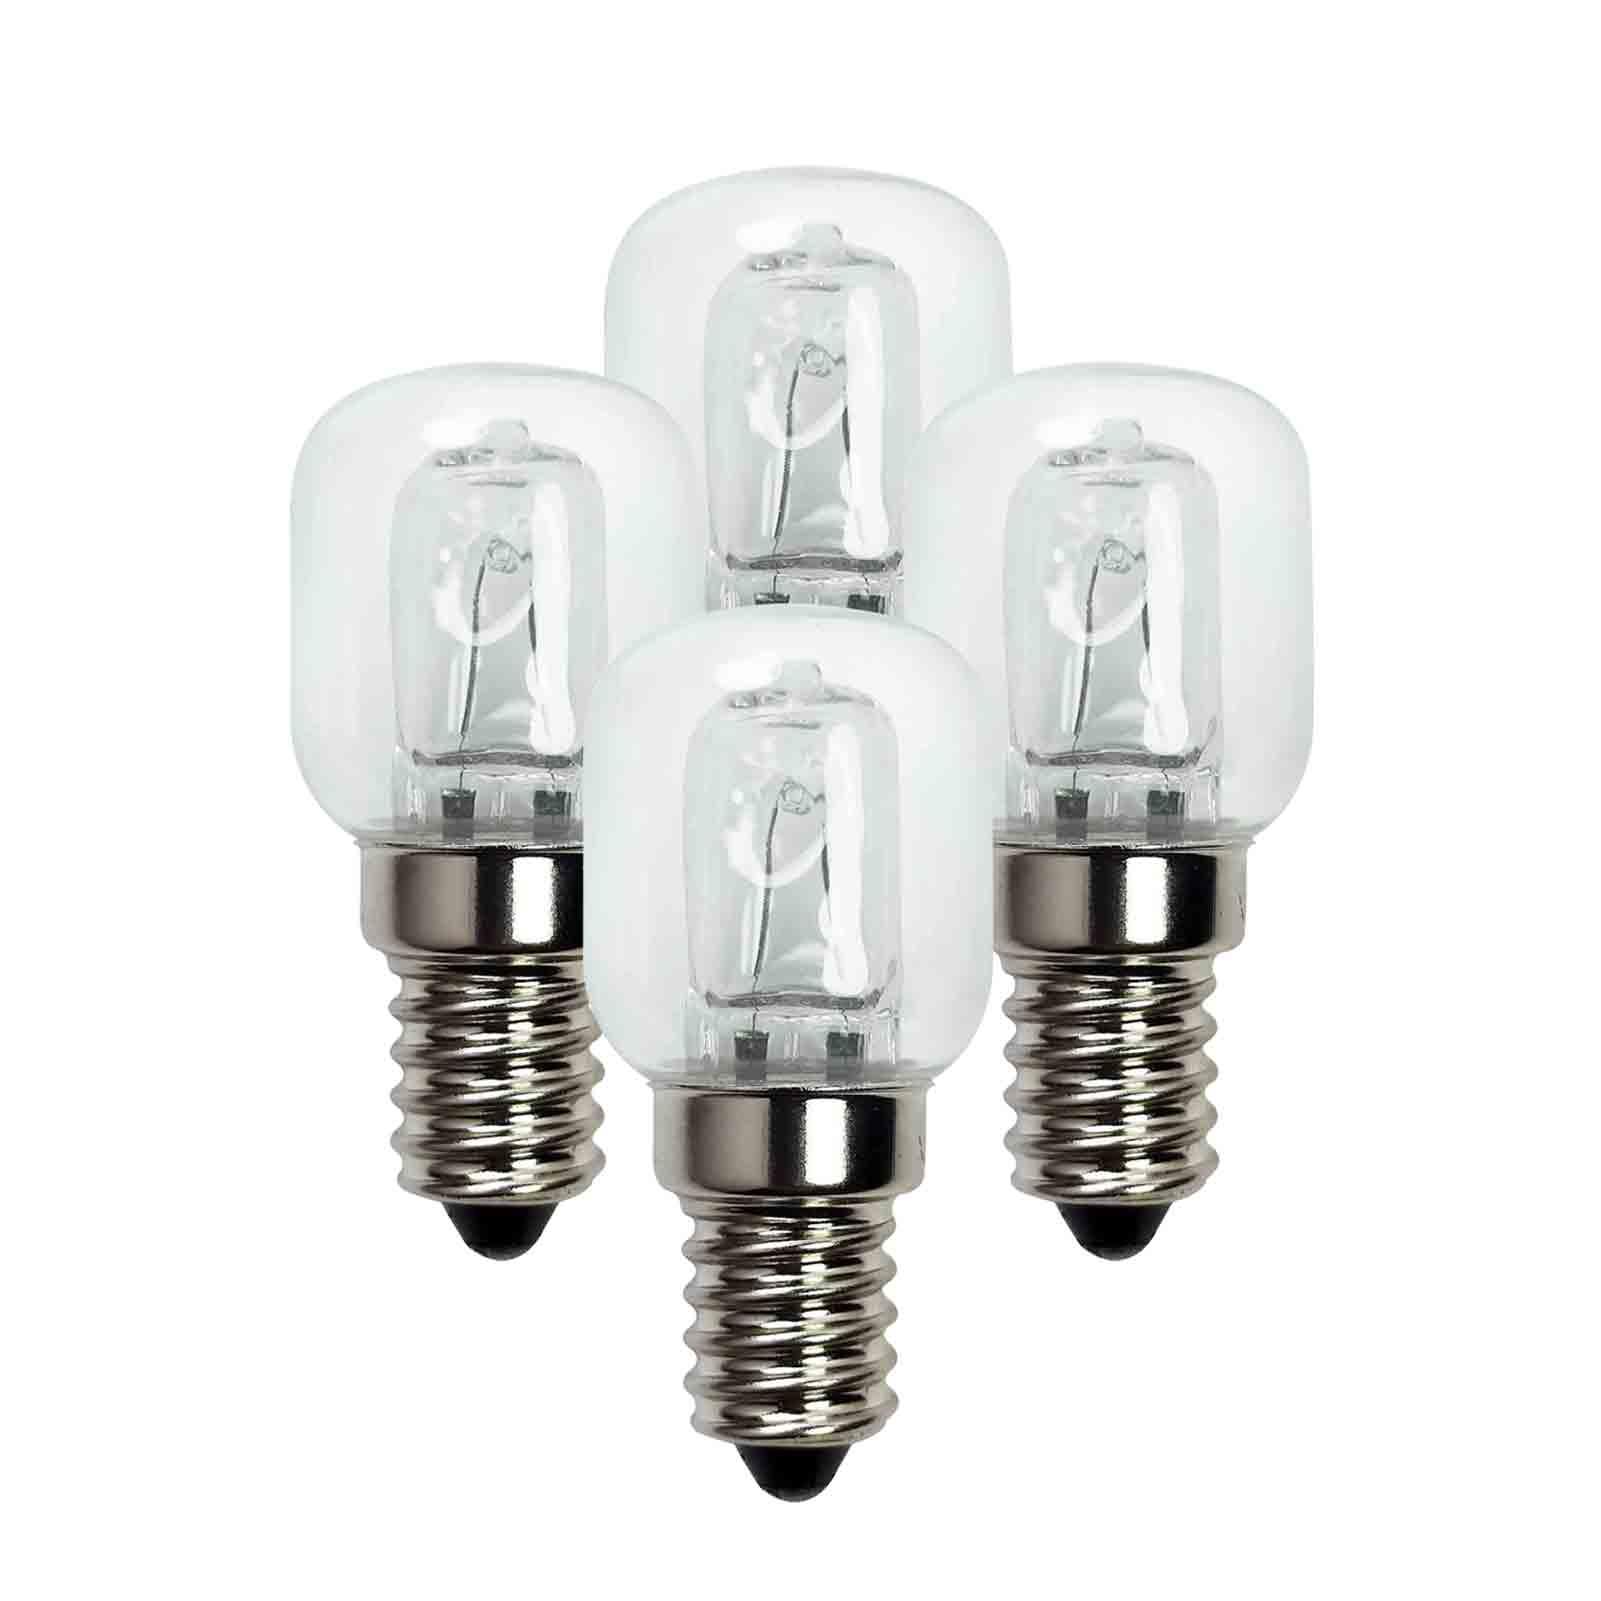 lampada de microondas resistente alta temperatura 01